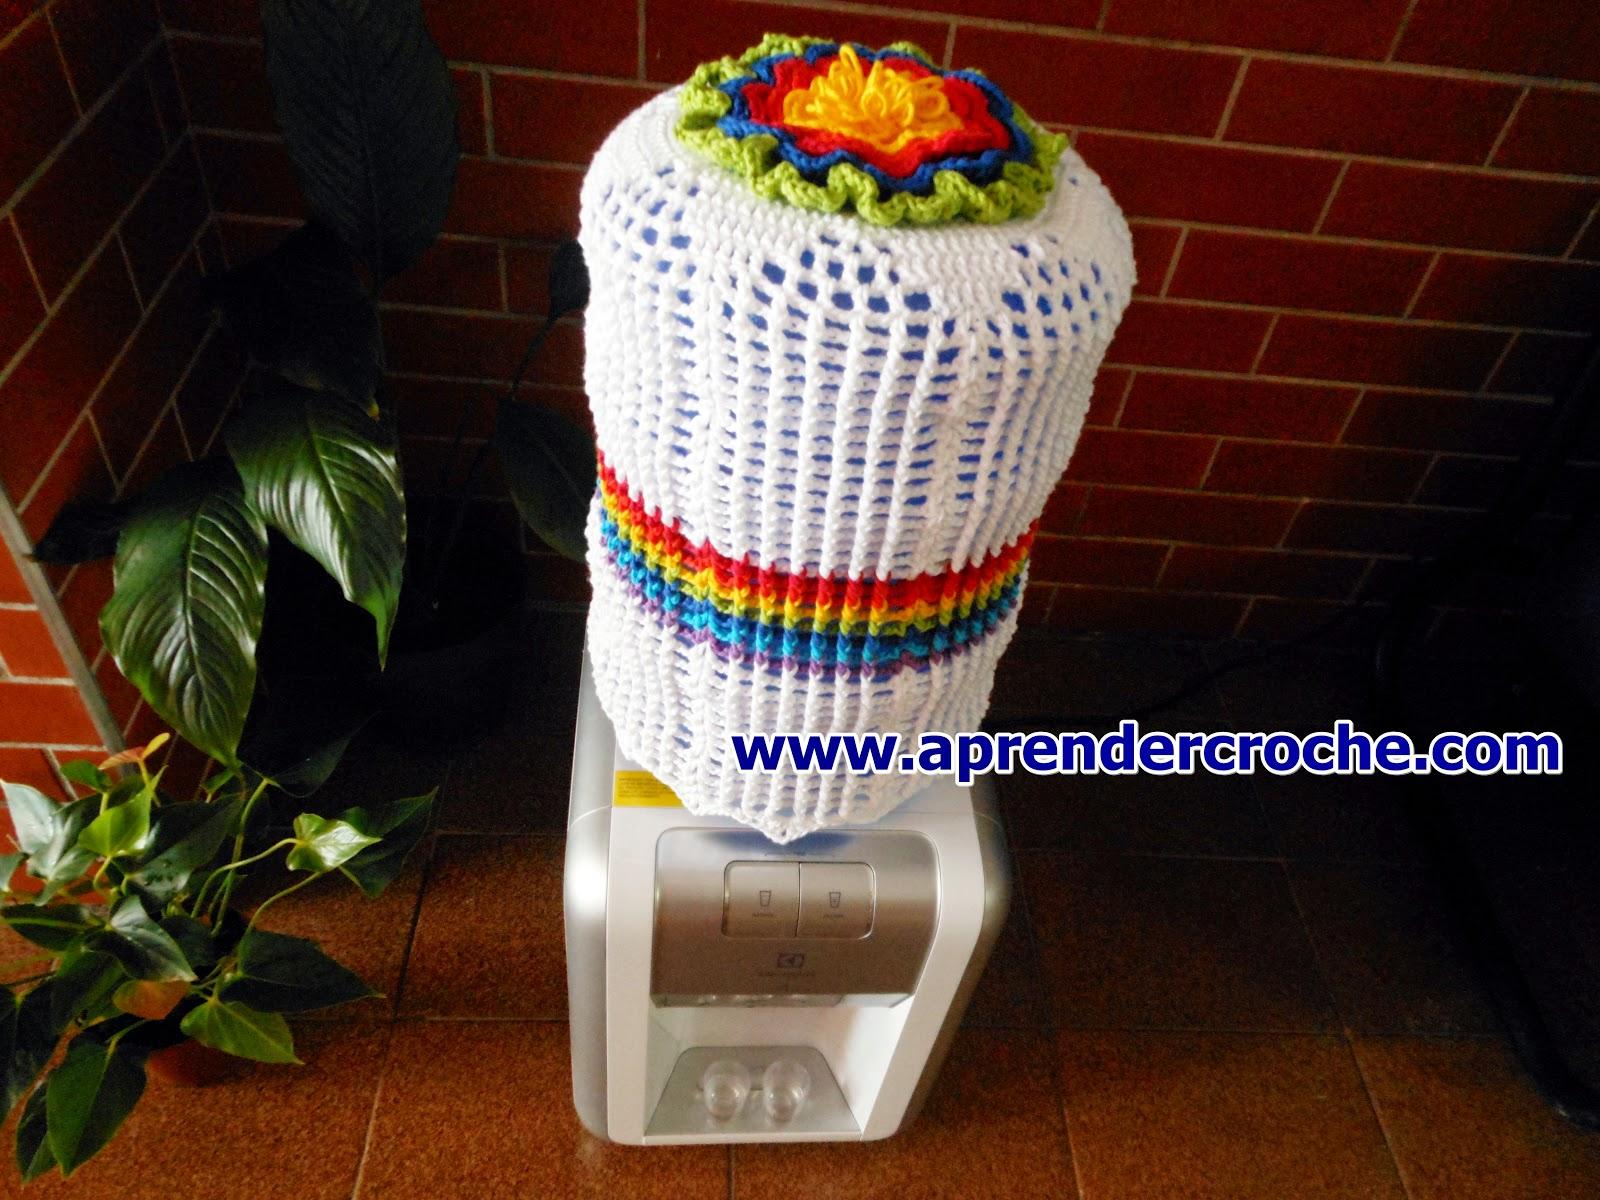 aprender croche com jogo para cozinha renda-extra dvd loja curso de croche